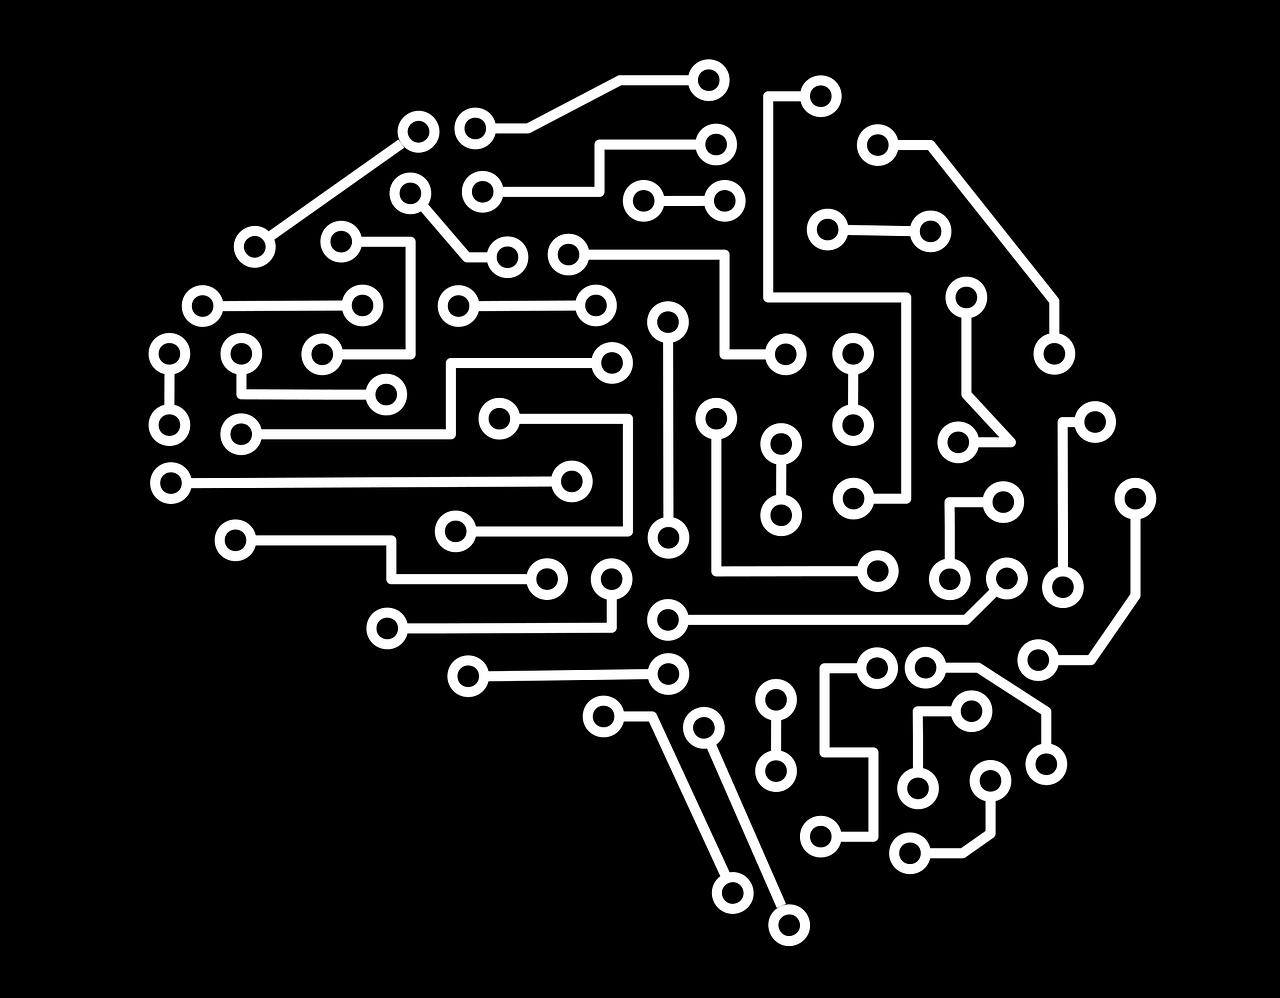 Homem paralisado tem sentido do tato restaurado pela interface cérebro-máquina